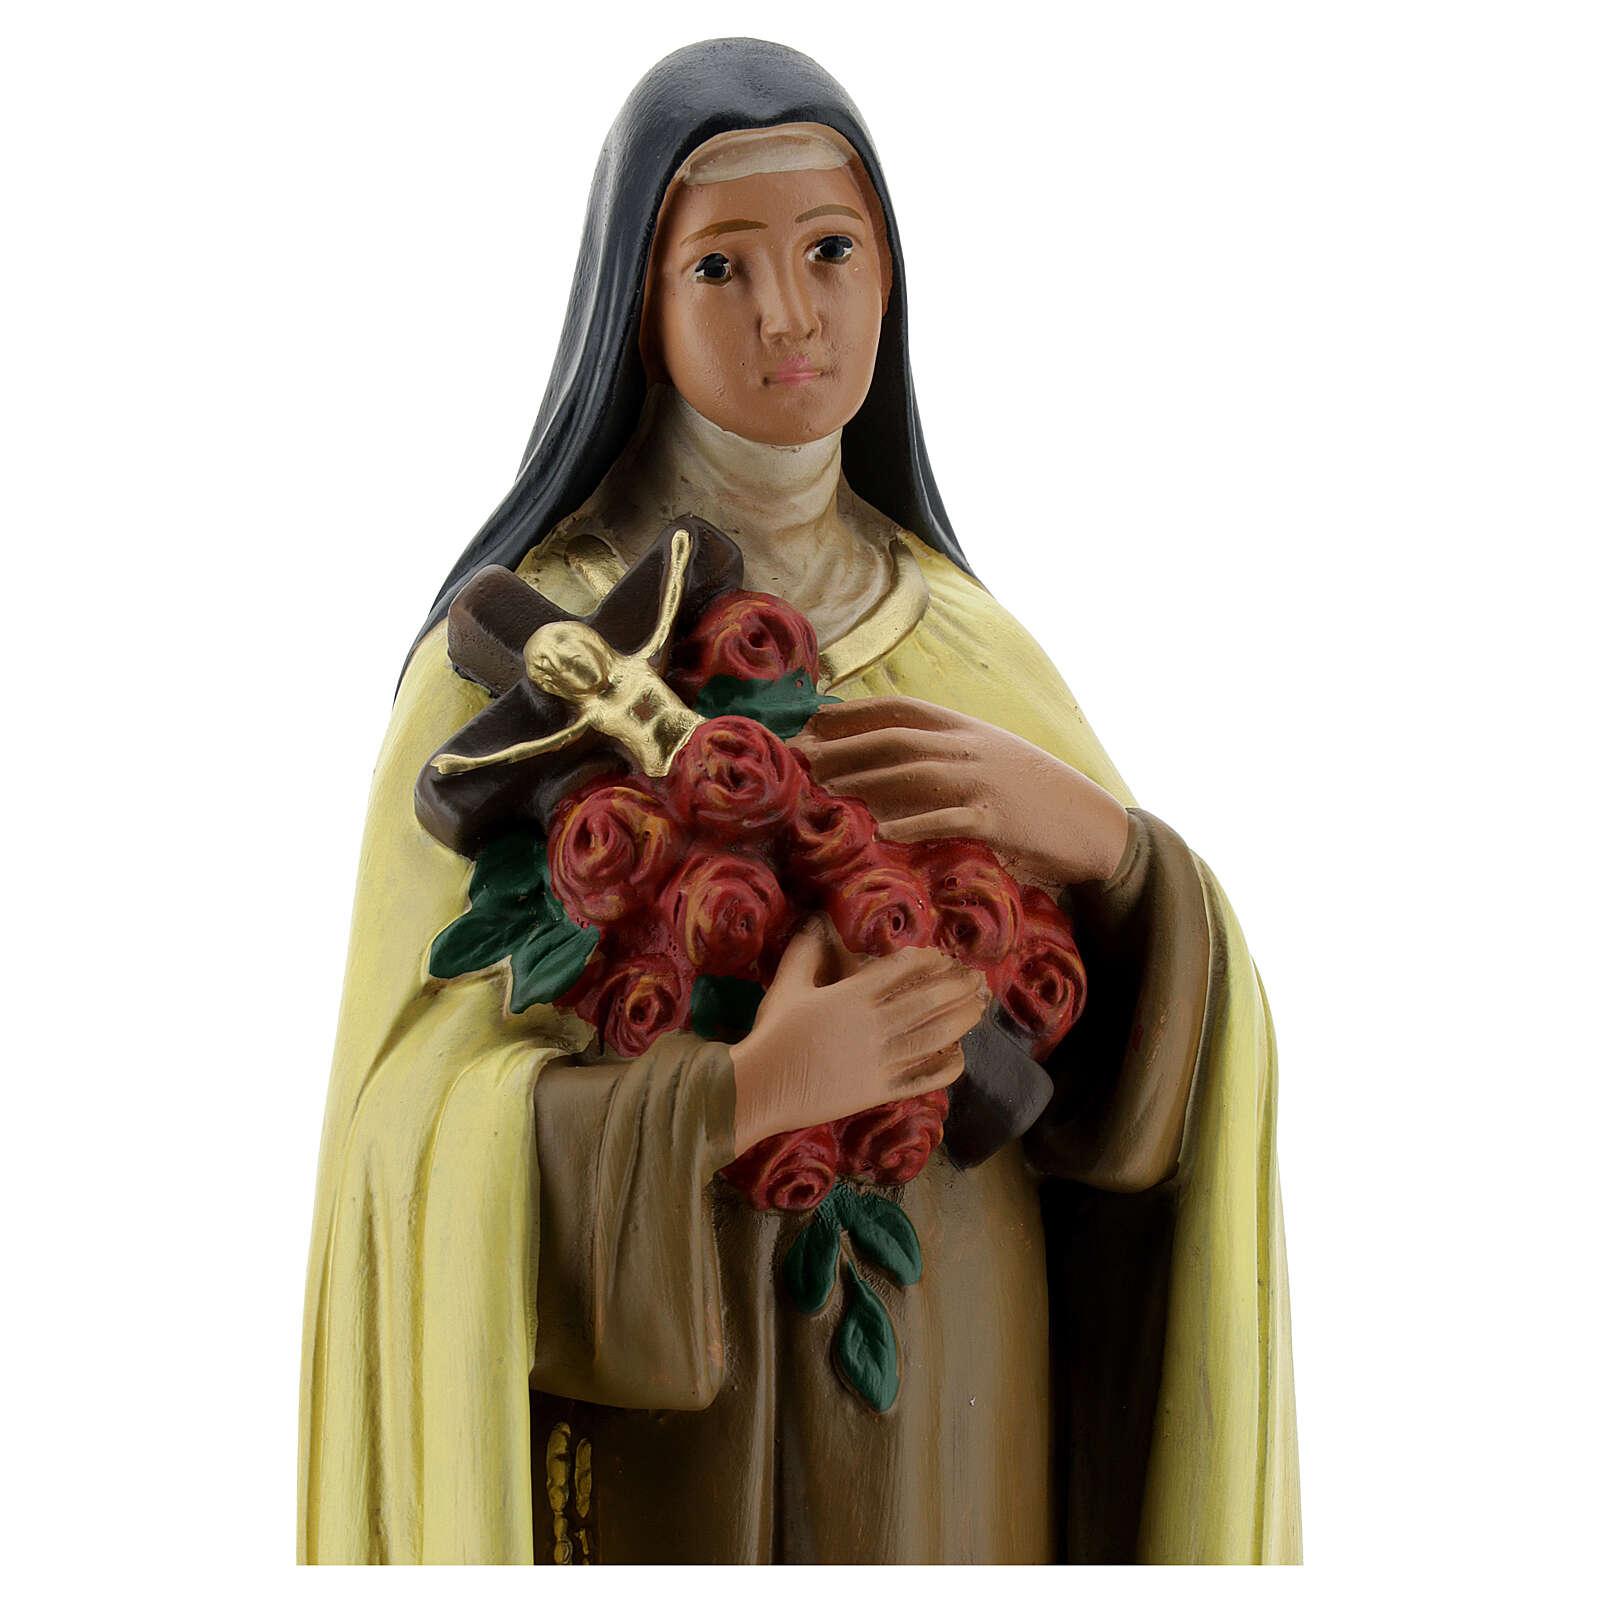 Saint Thérèse de l'Enfant Jésus 30 cm statue plâtre Arte Barsanti 4